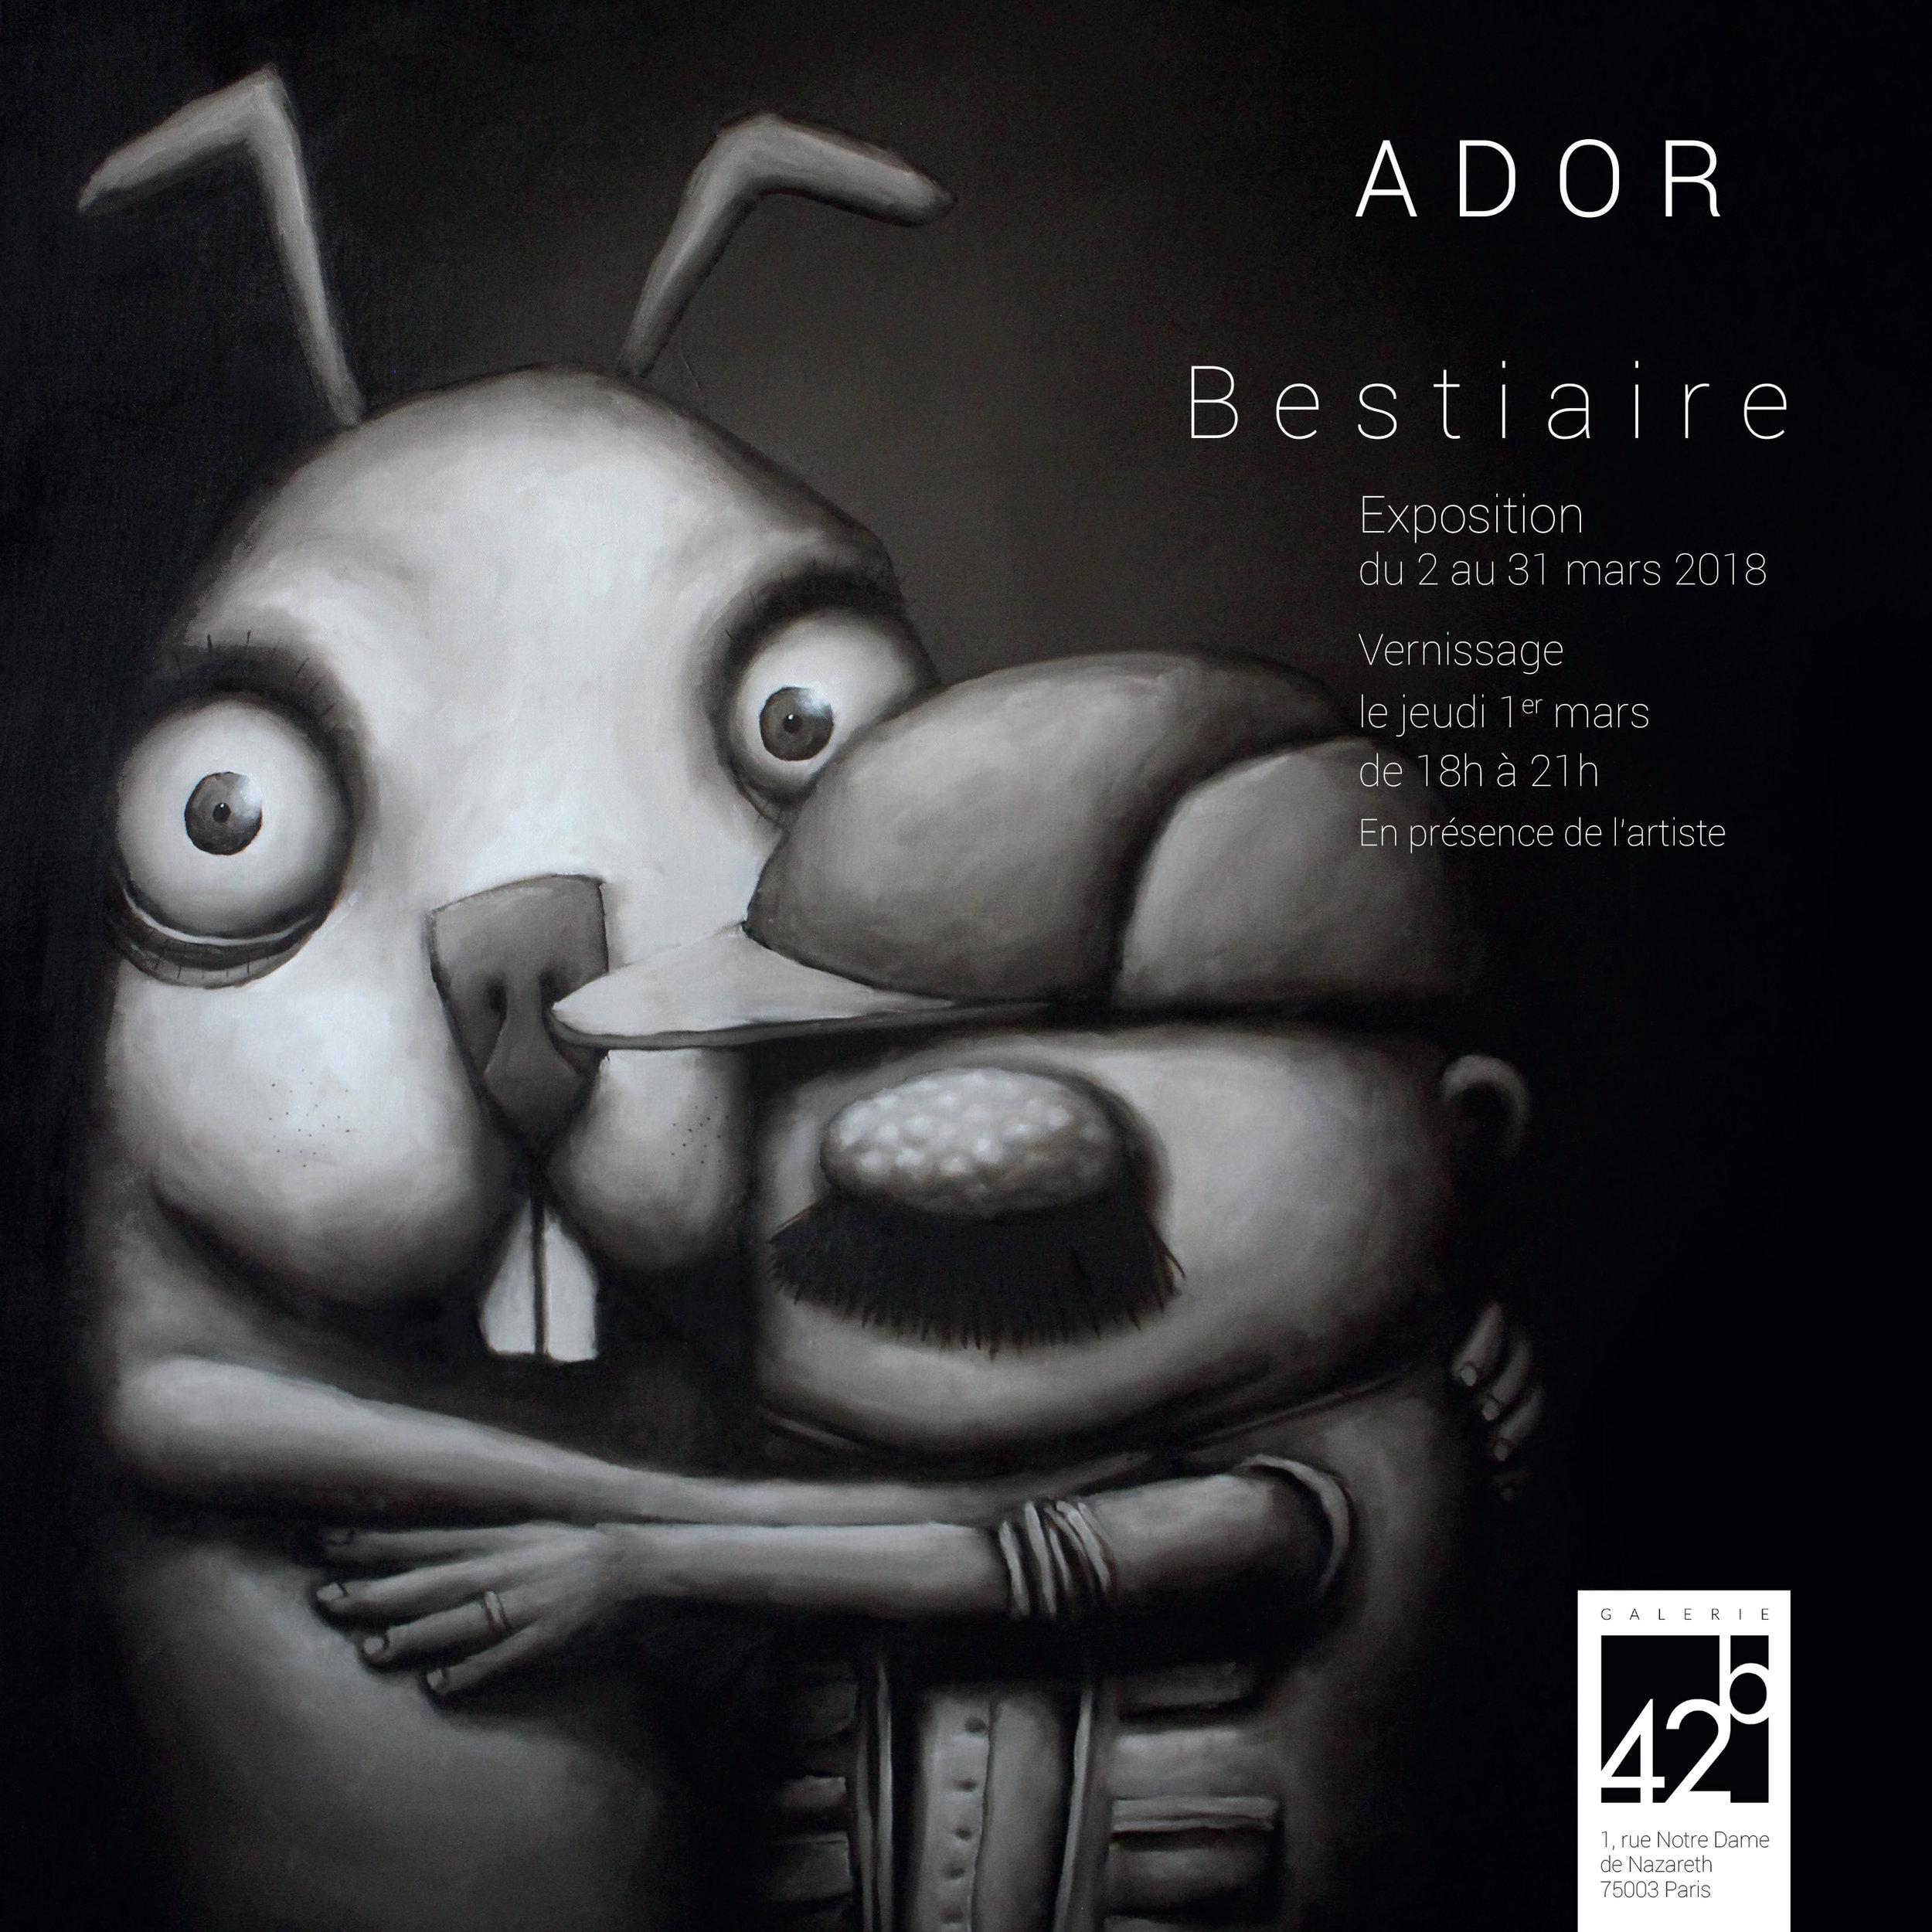 Invitation ADOR - BESTIAIRE